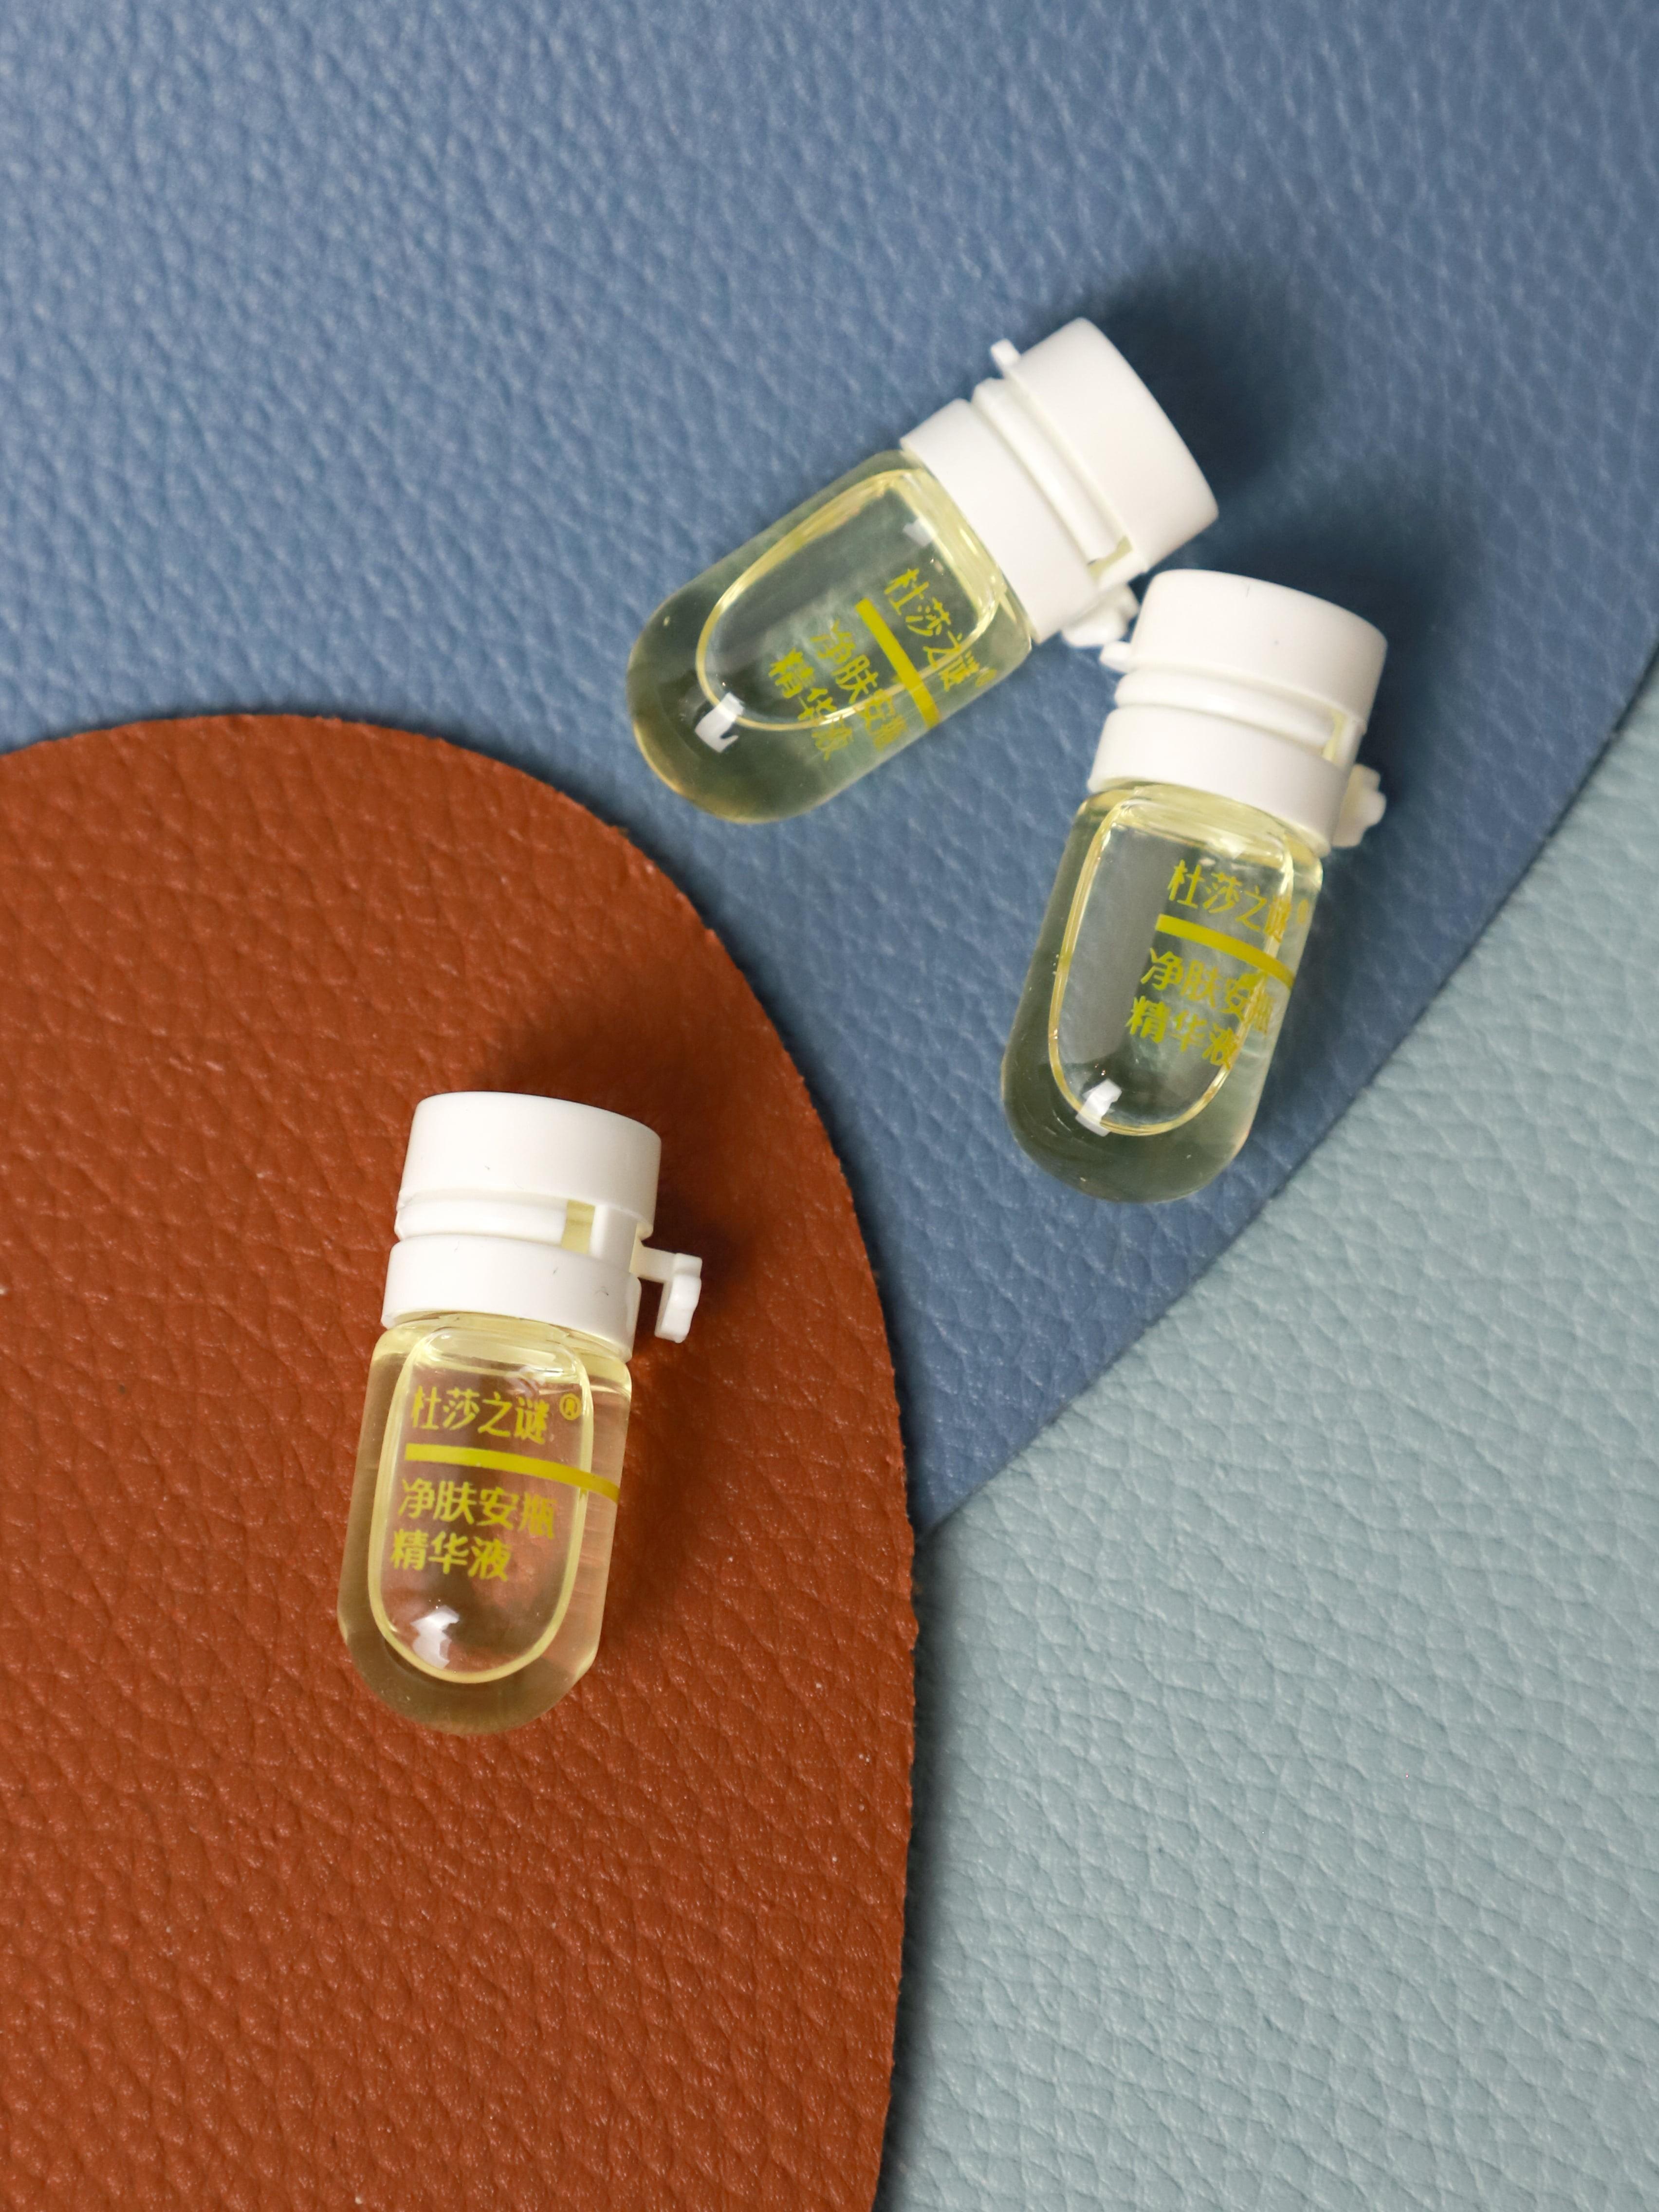 杜莎之谜净肤安瓶精华:平滑肌的秘密武器